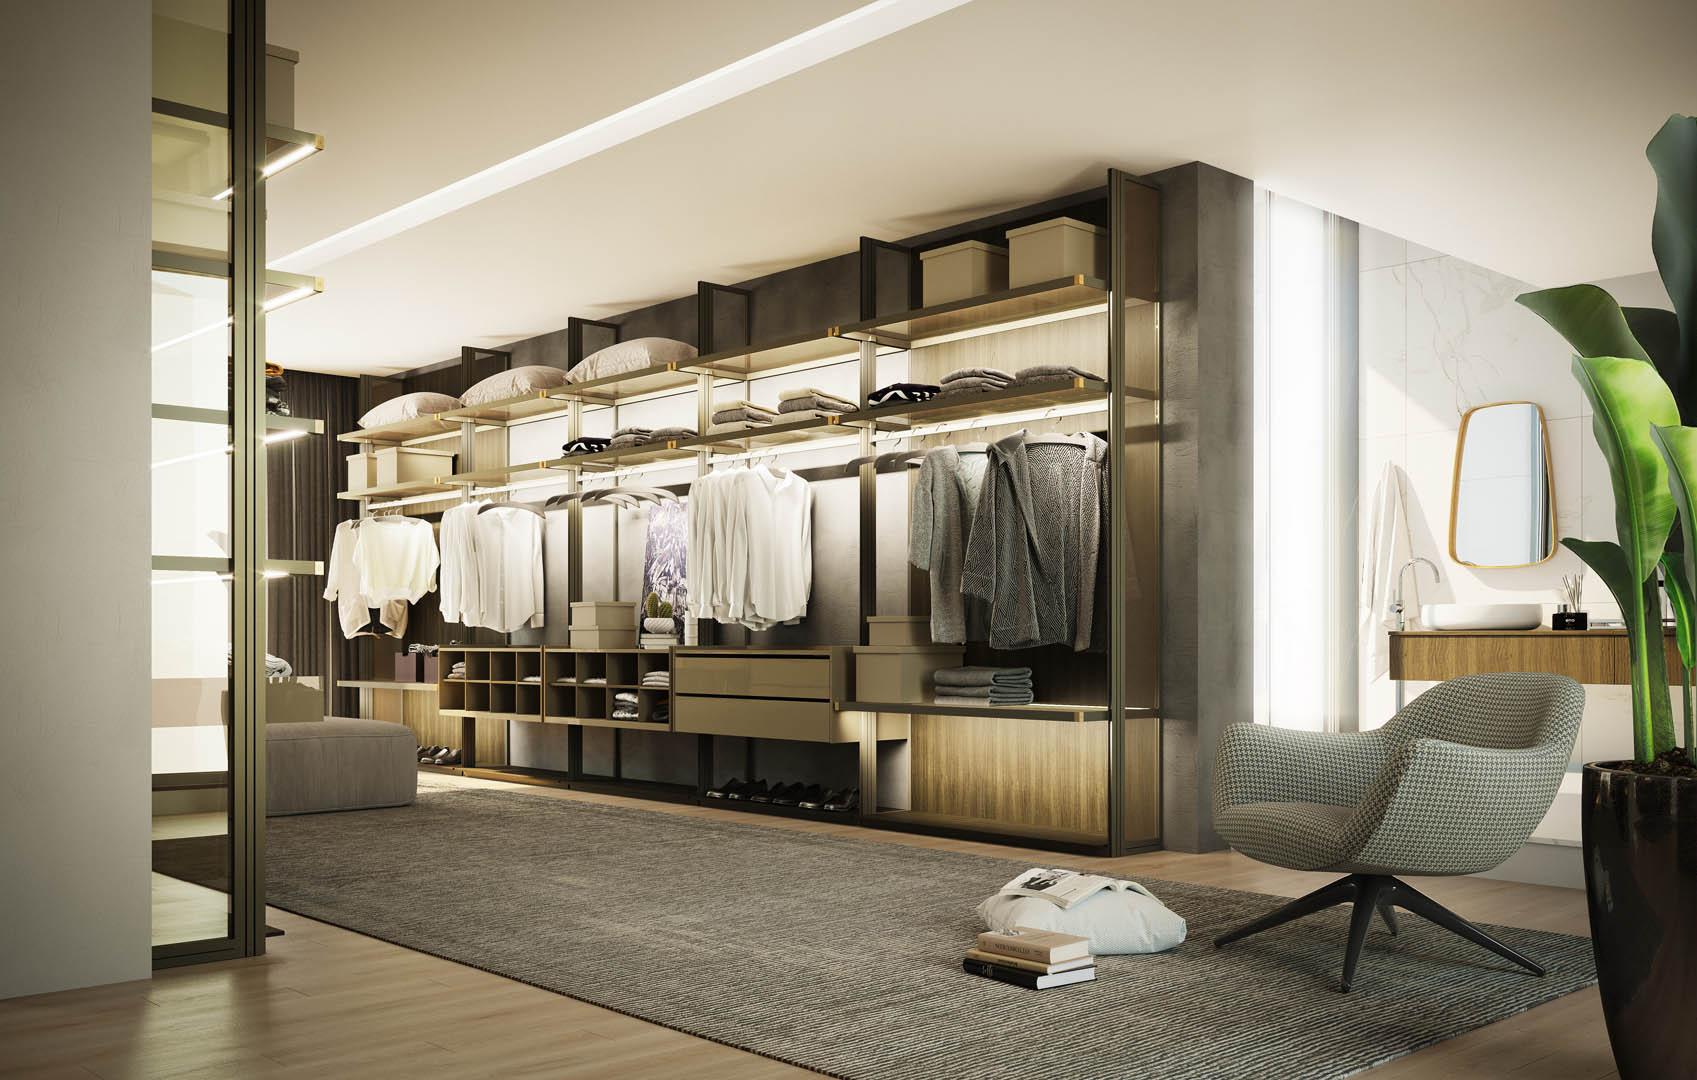 Armários, closets ou estantes com sistema Luce